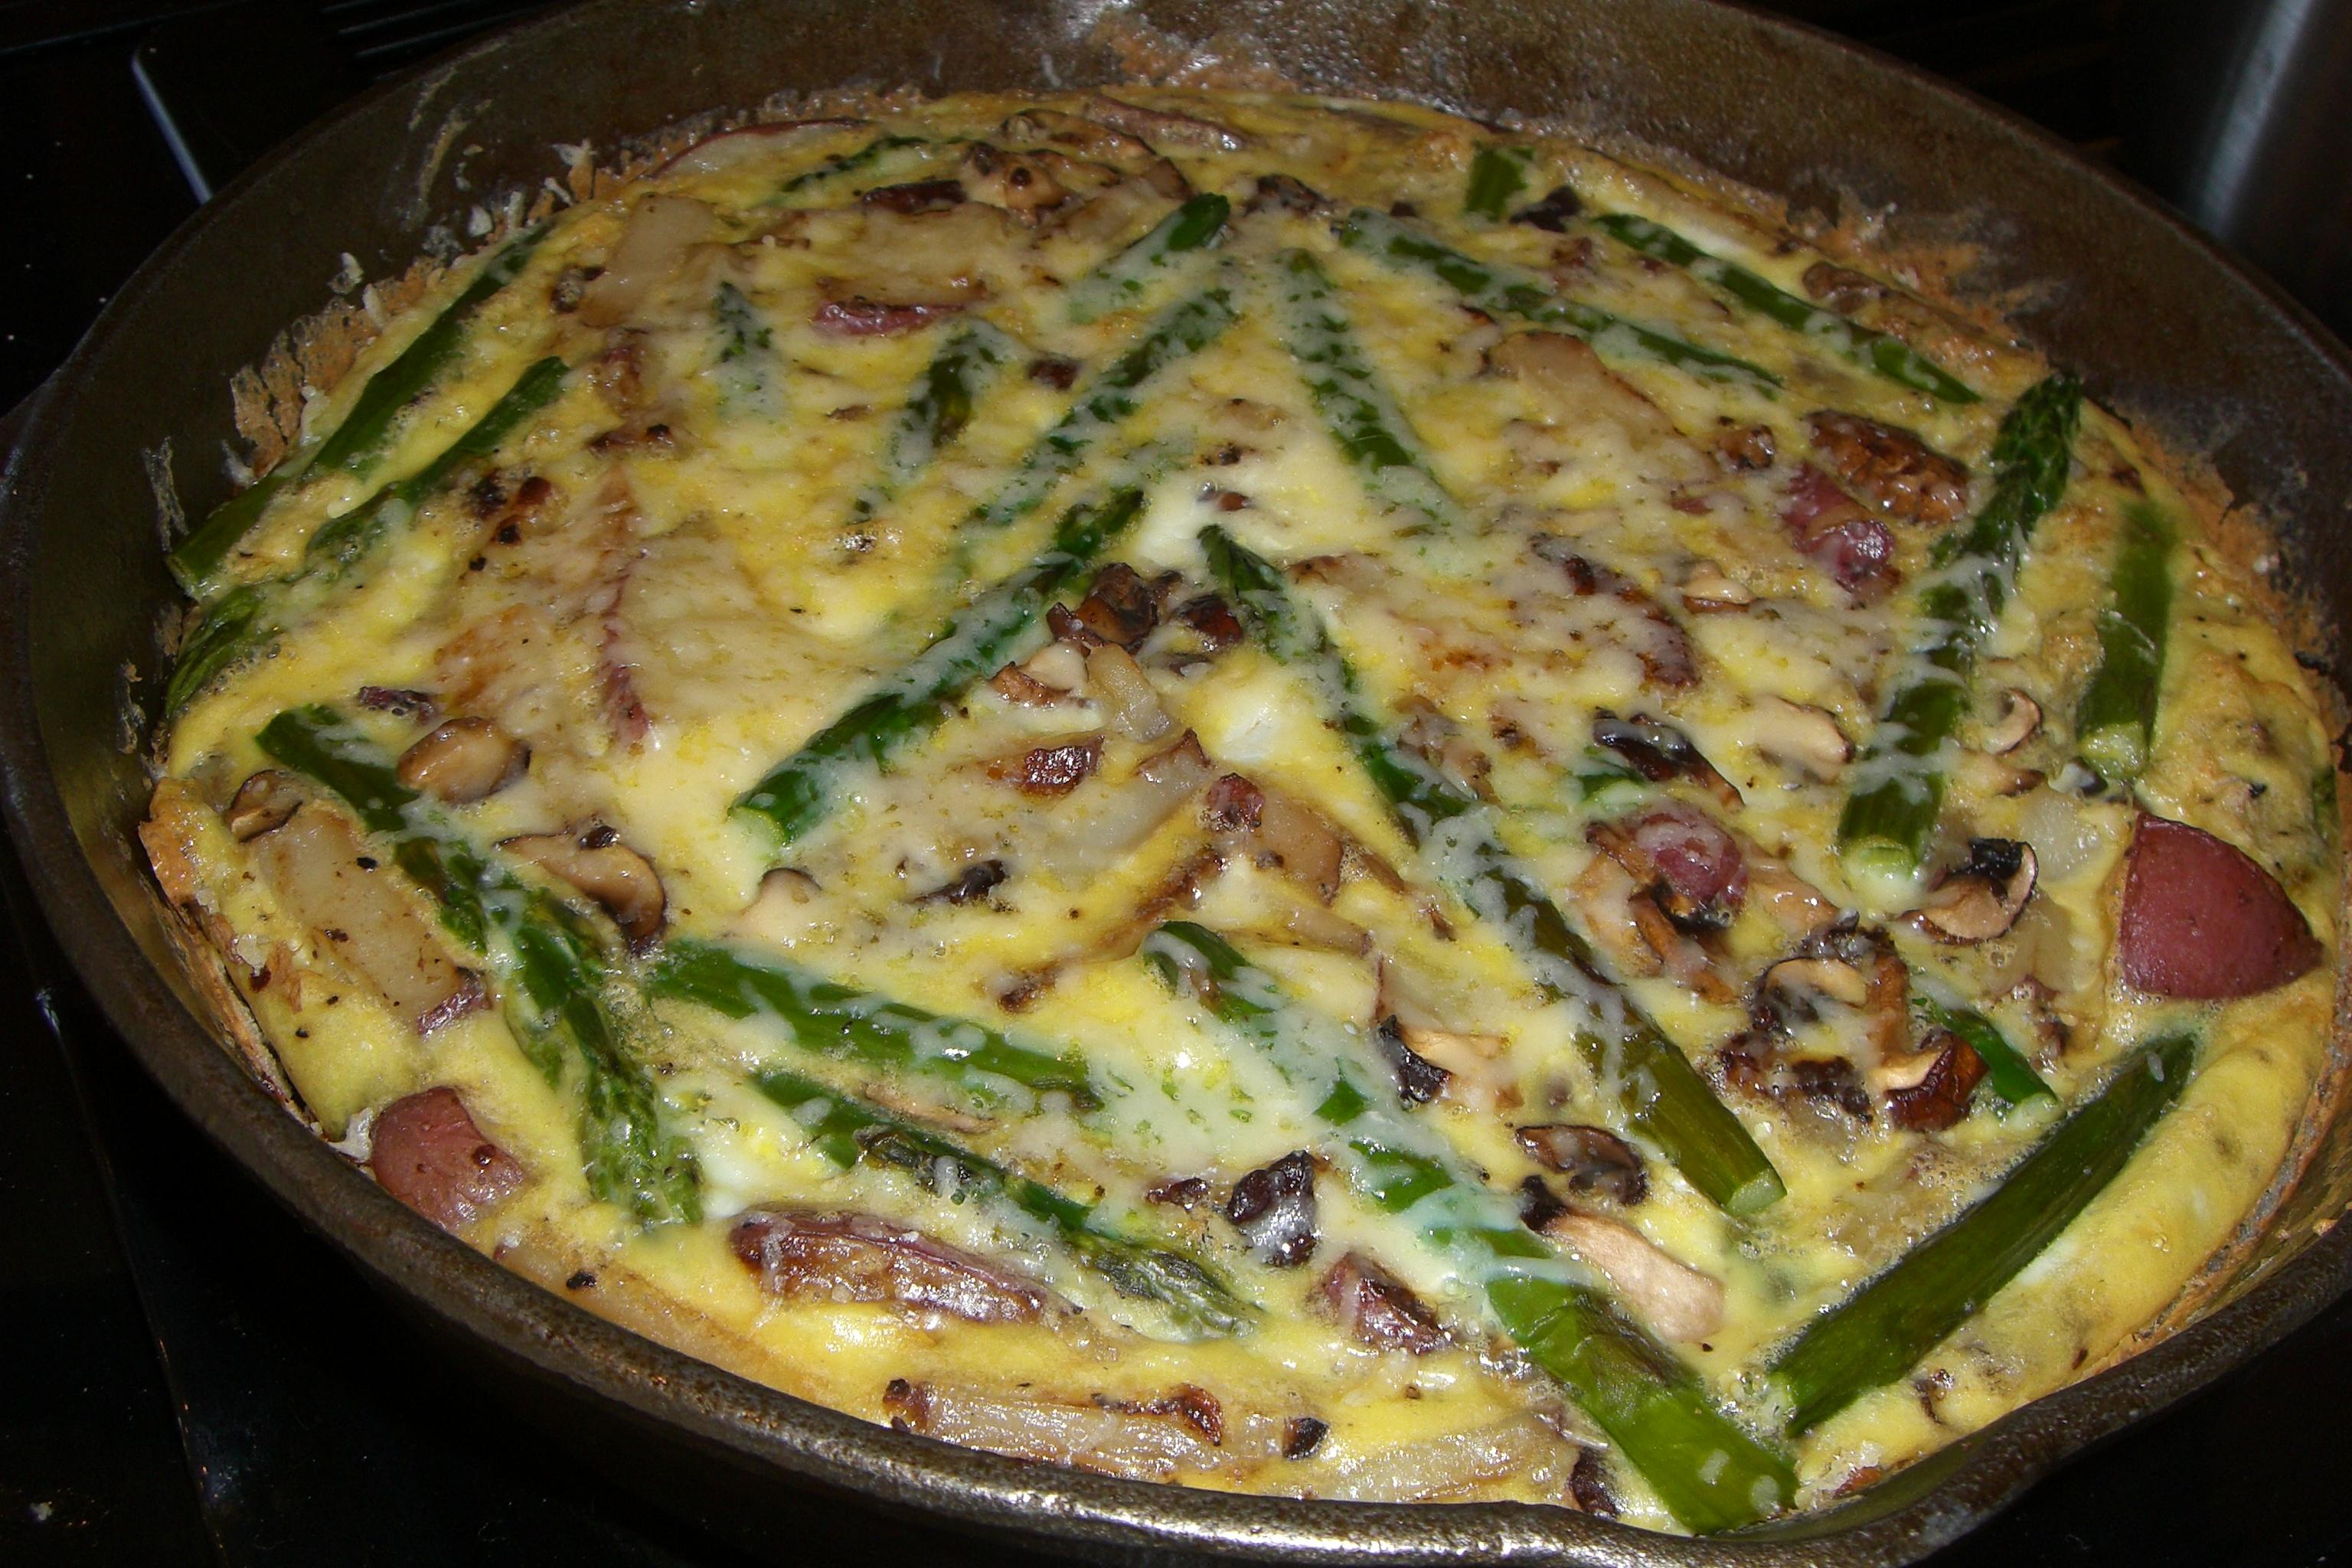 Potato-y, Mushroom-y Asparagus Frittata